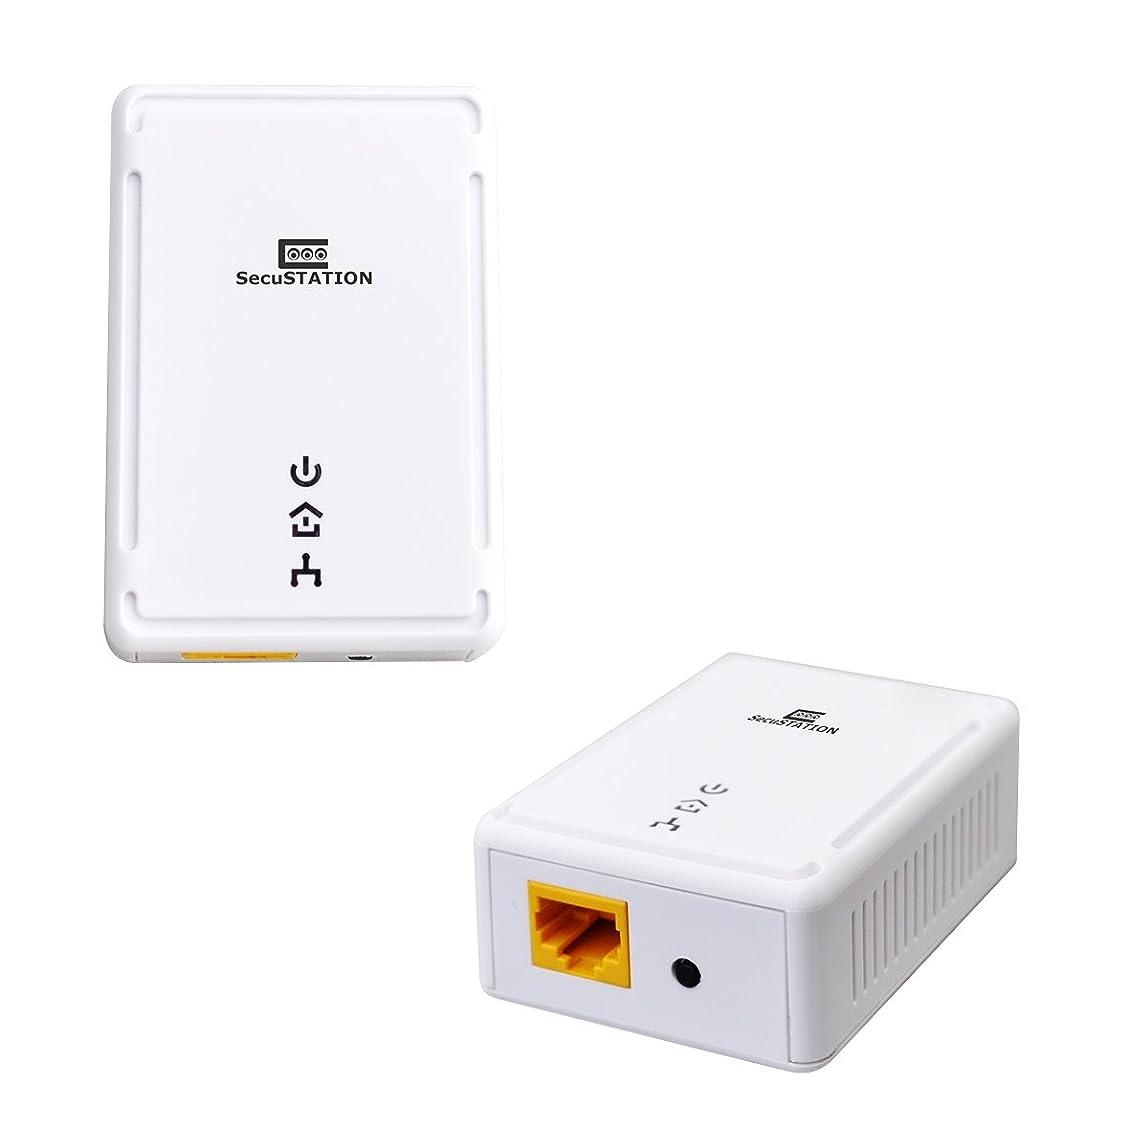 メディアトーン積極的にPLCアダプター コンセントにつなぐだけ 簡単 高速 インターネット 配線 工事不要 防犯ステーション 親機 子機 快適 ネットワーク 2個セット 高速電力線通信 LAN HomePlug 200Mbps